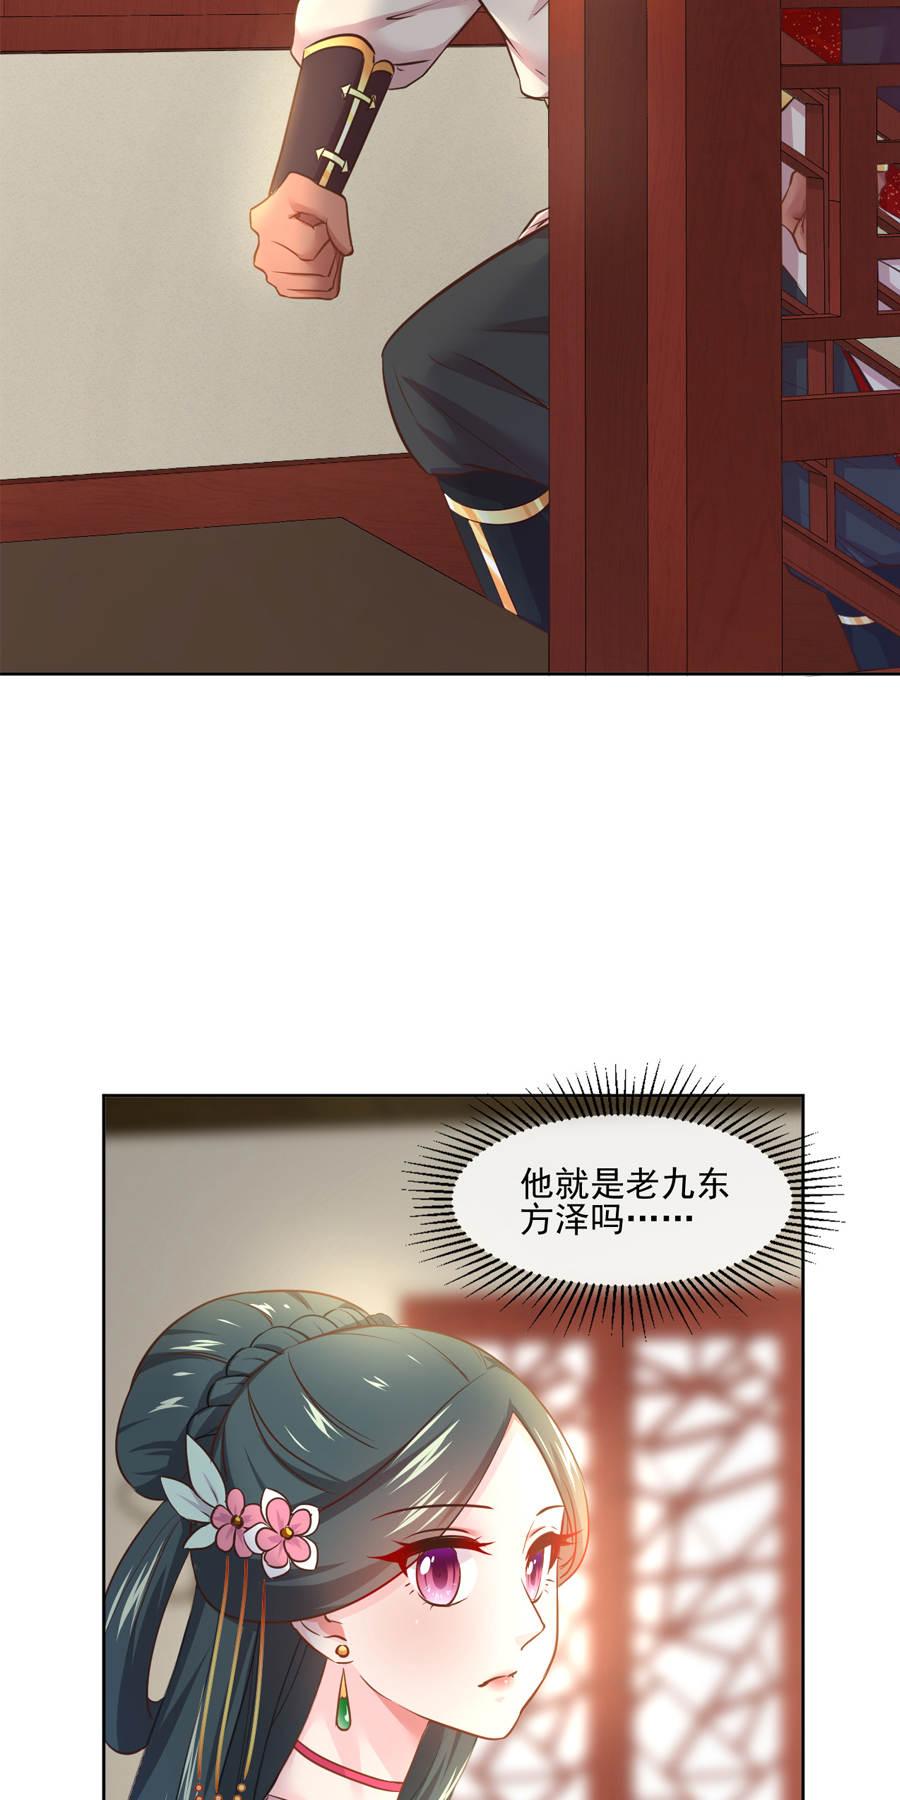 盛世帝王妃第94话  遇袭风波 第 4